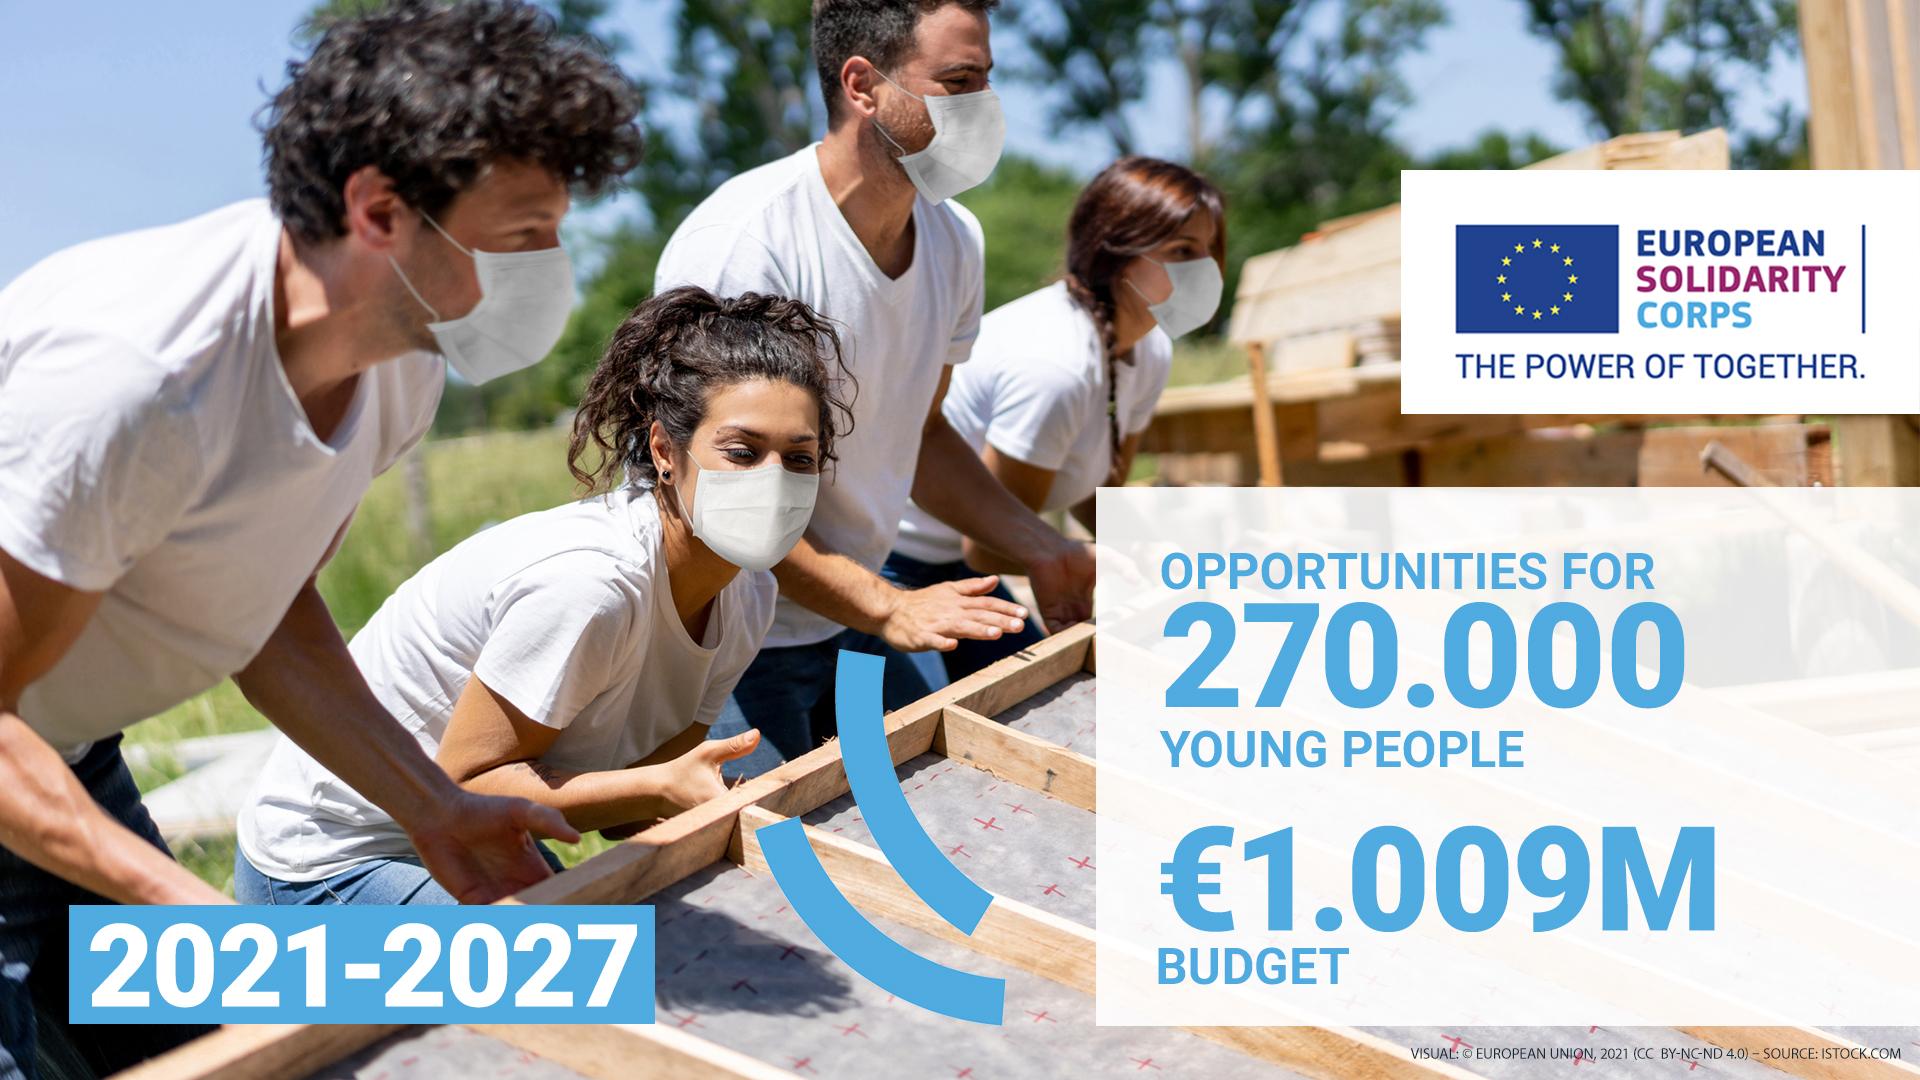 Europske snage solidarnosti podupiru volontiranje mladih, solidarne i humanitarne aktivnosti u zajednici - Slika 1